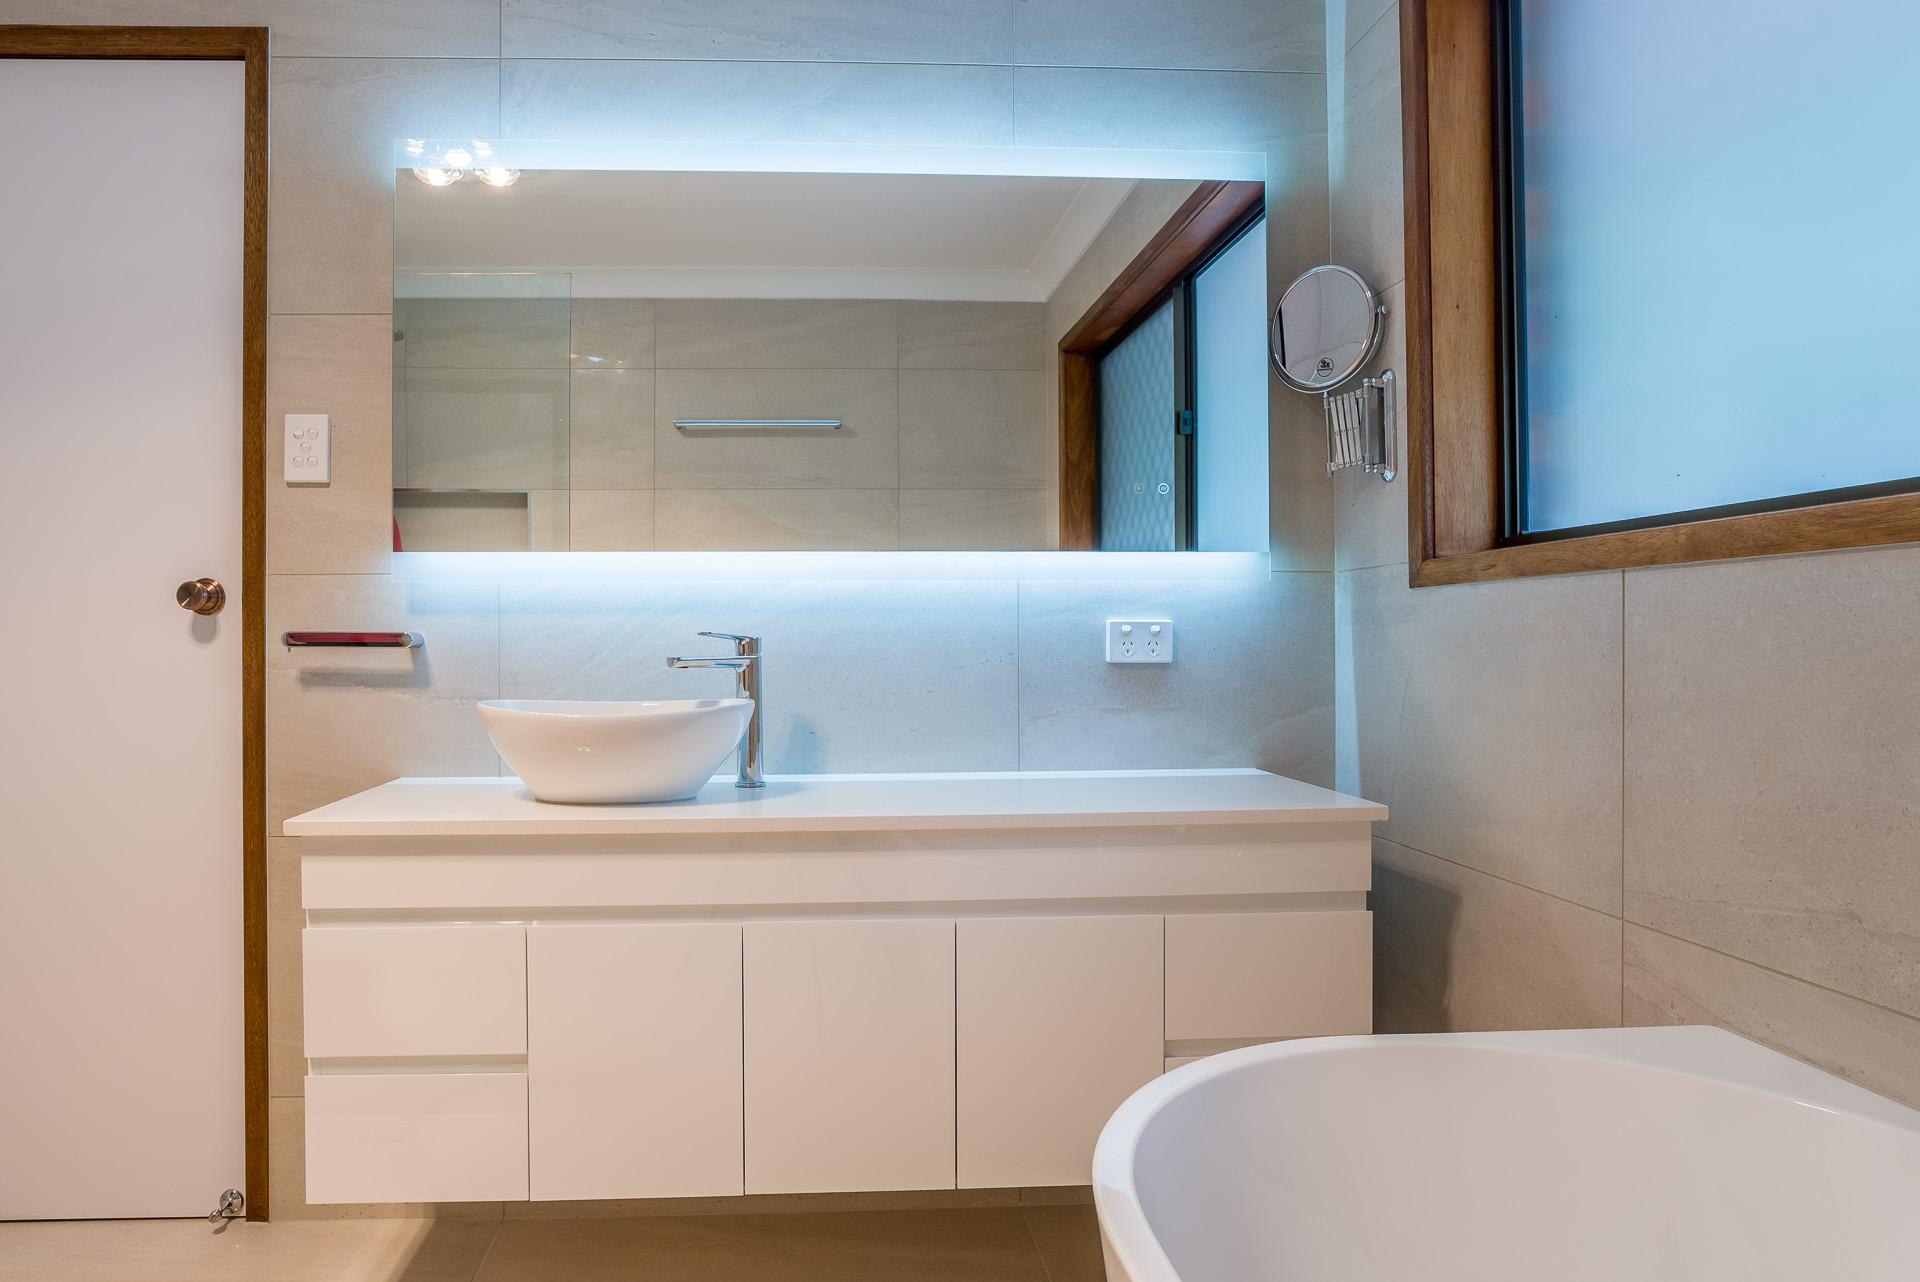 river city constructions bathroom upgrade neutral tones